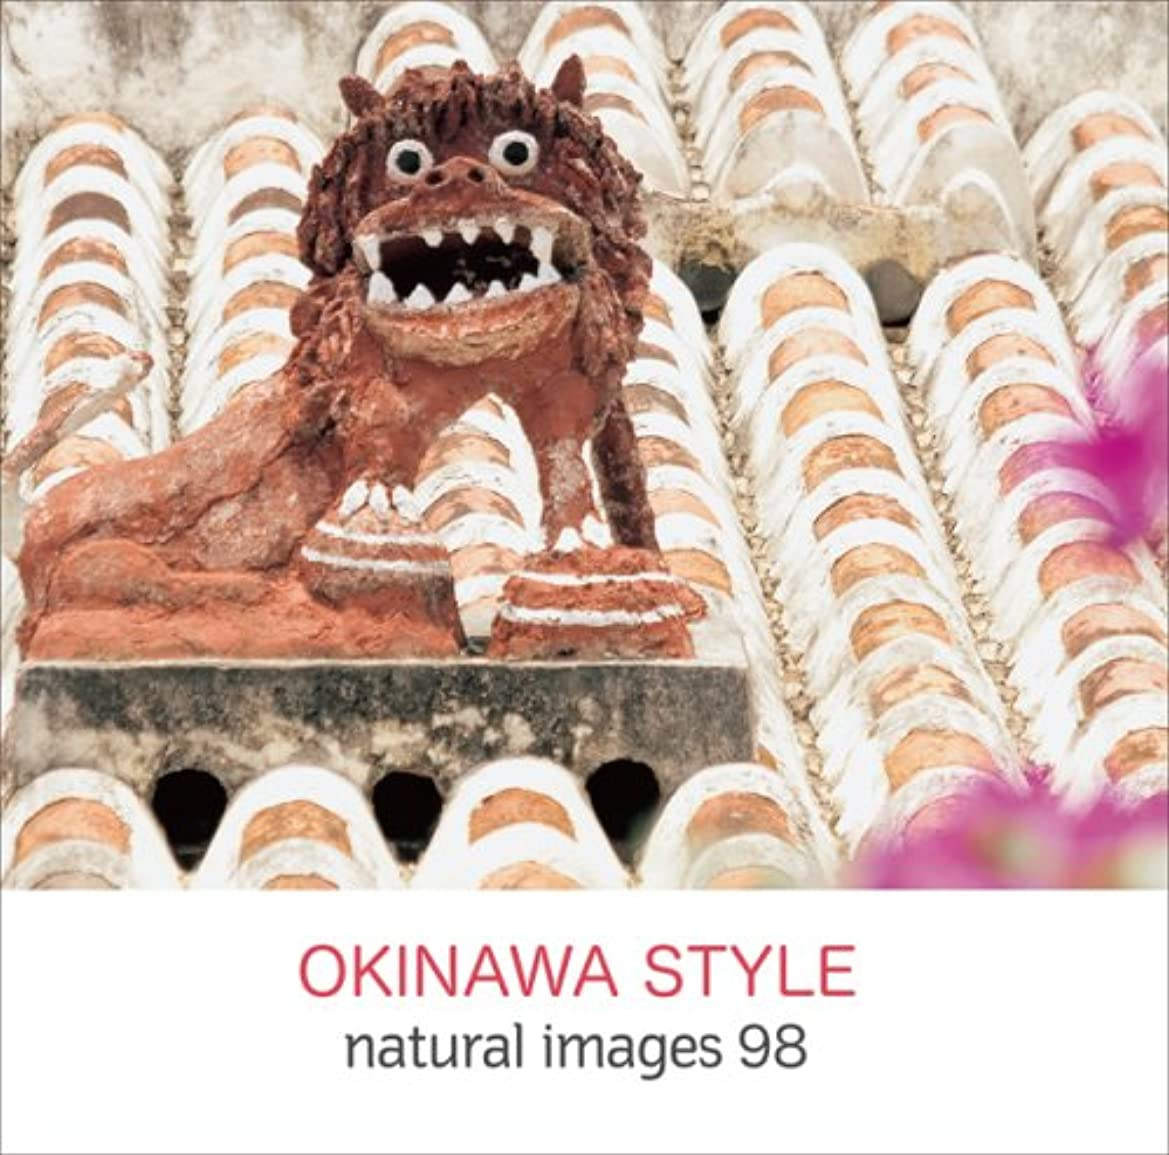 ポルノ命令的資金natural images Vol.98 Okinawa Style